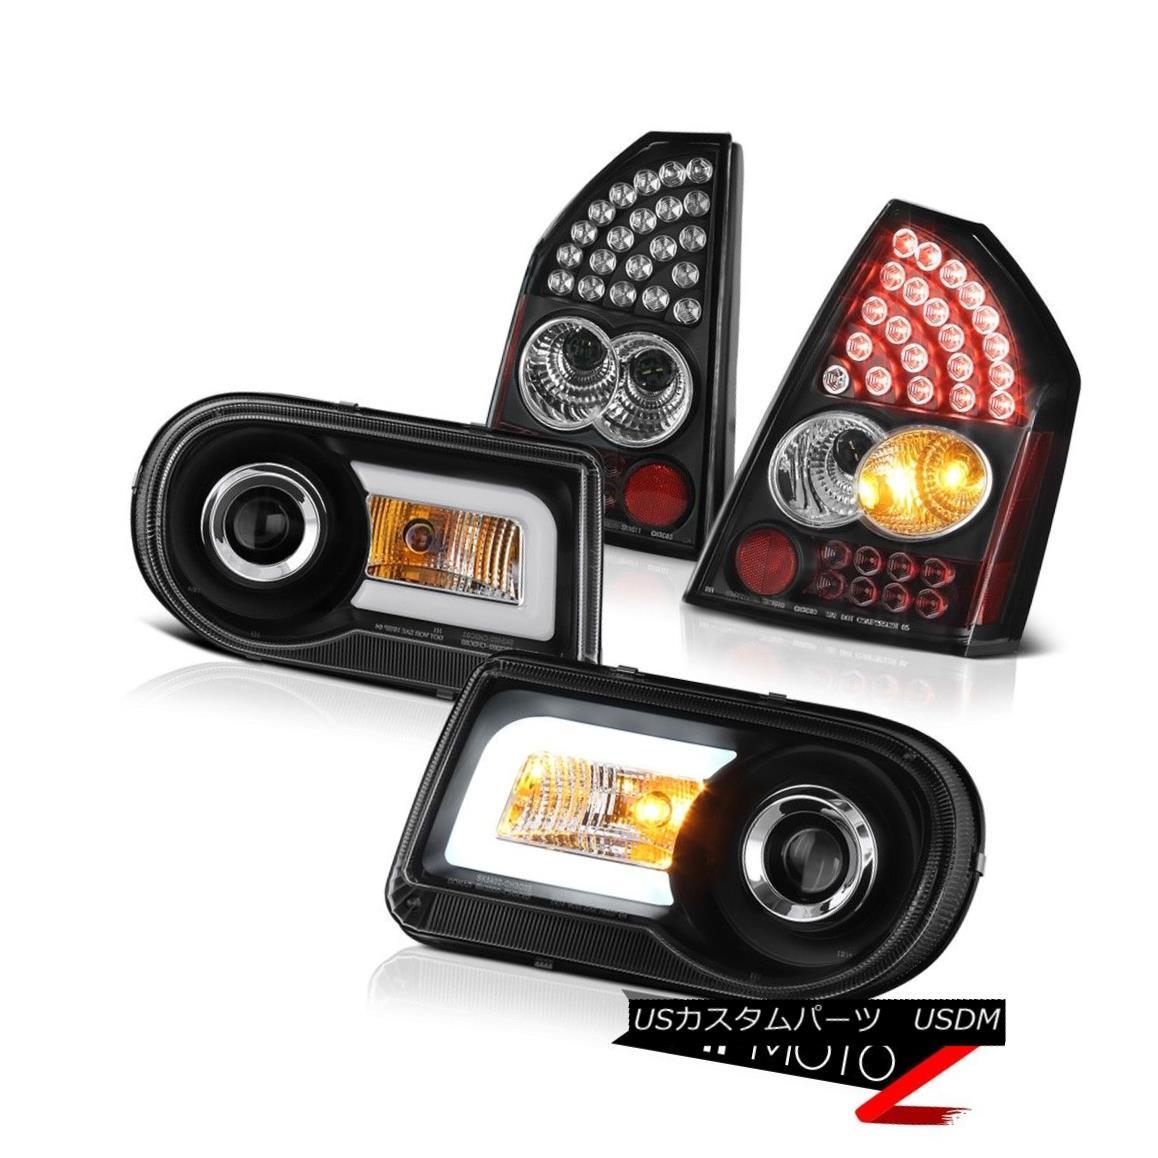 テールライト 05-07 Chrysler 300C 5.7L New Pair Crystal Halo Headlights Black LED Taillights 05-07クライスラー300C 5.7L新しいペアのクリスタルヘイローヘッドライトブラックLEDテールライト